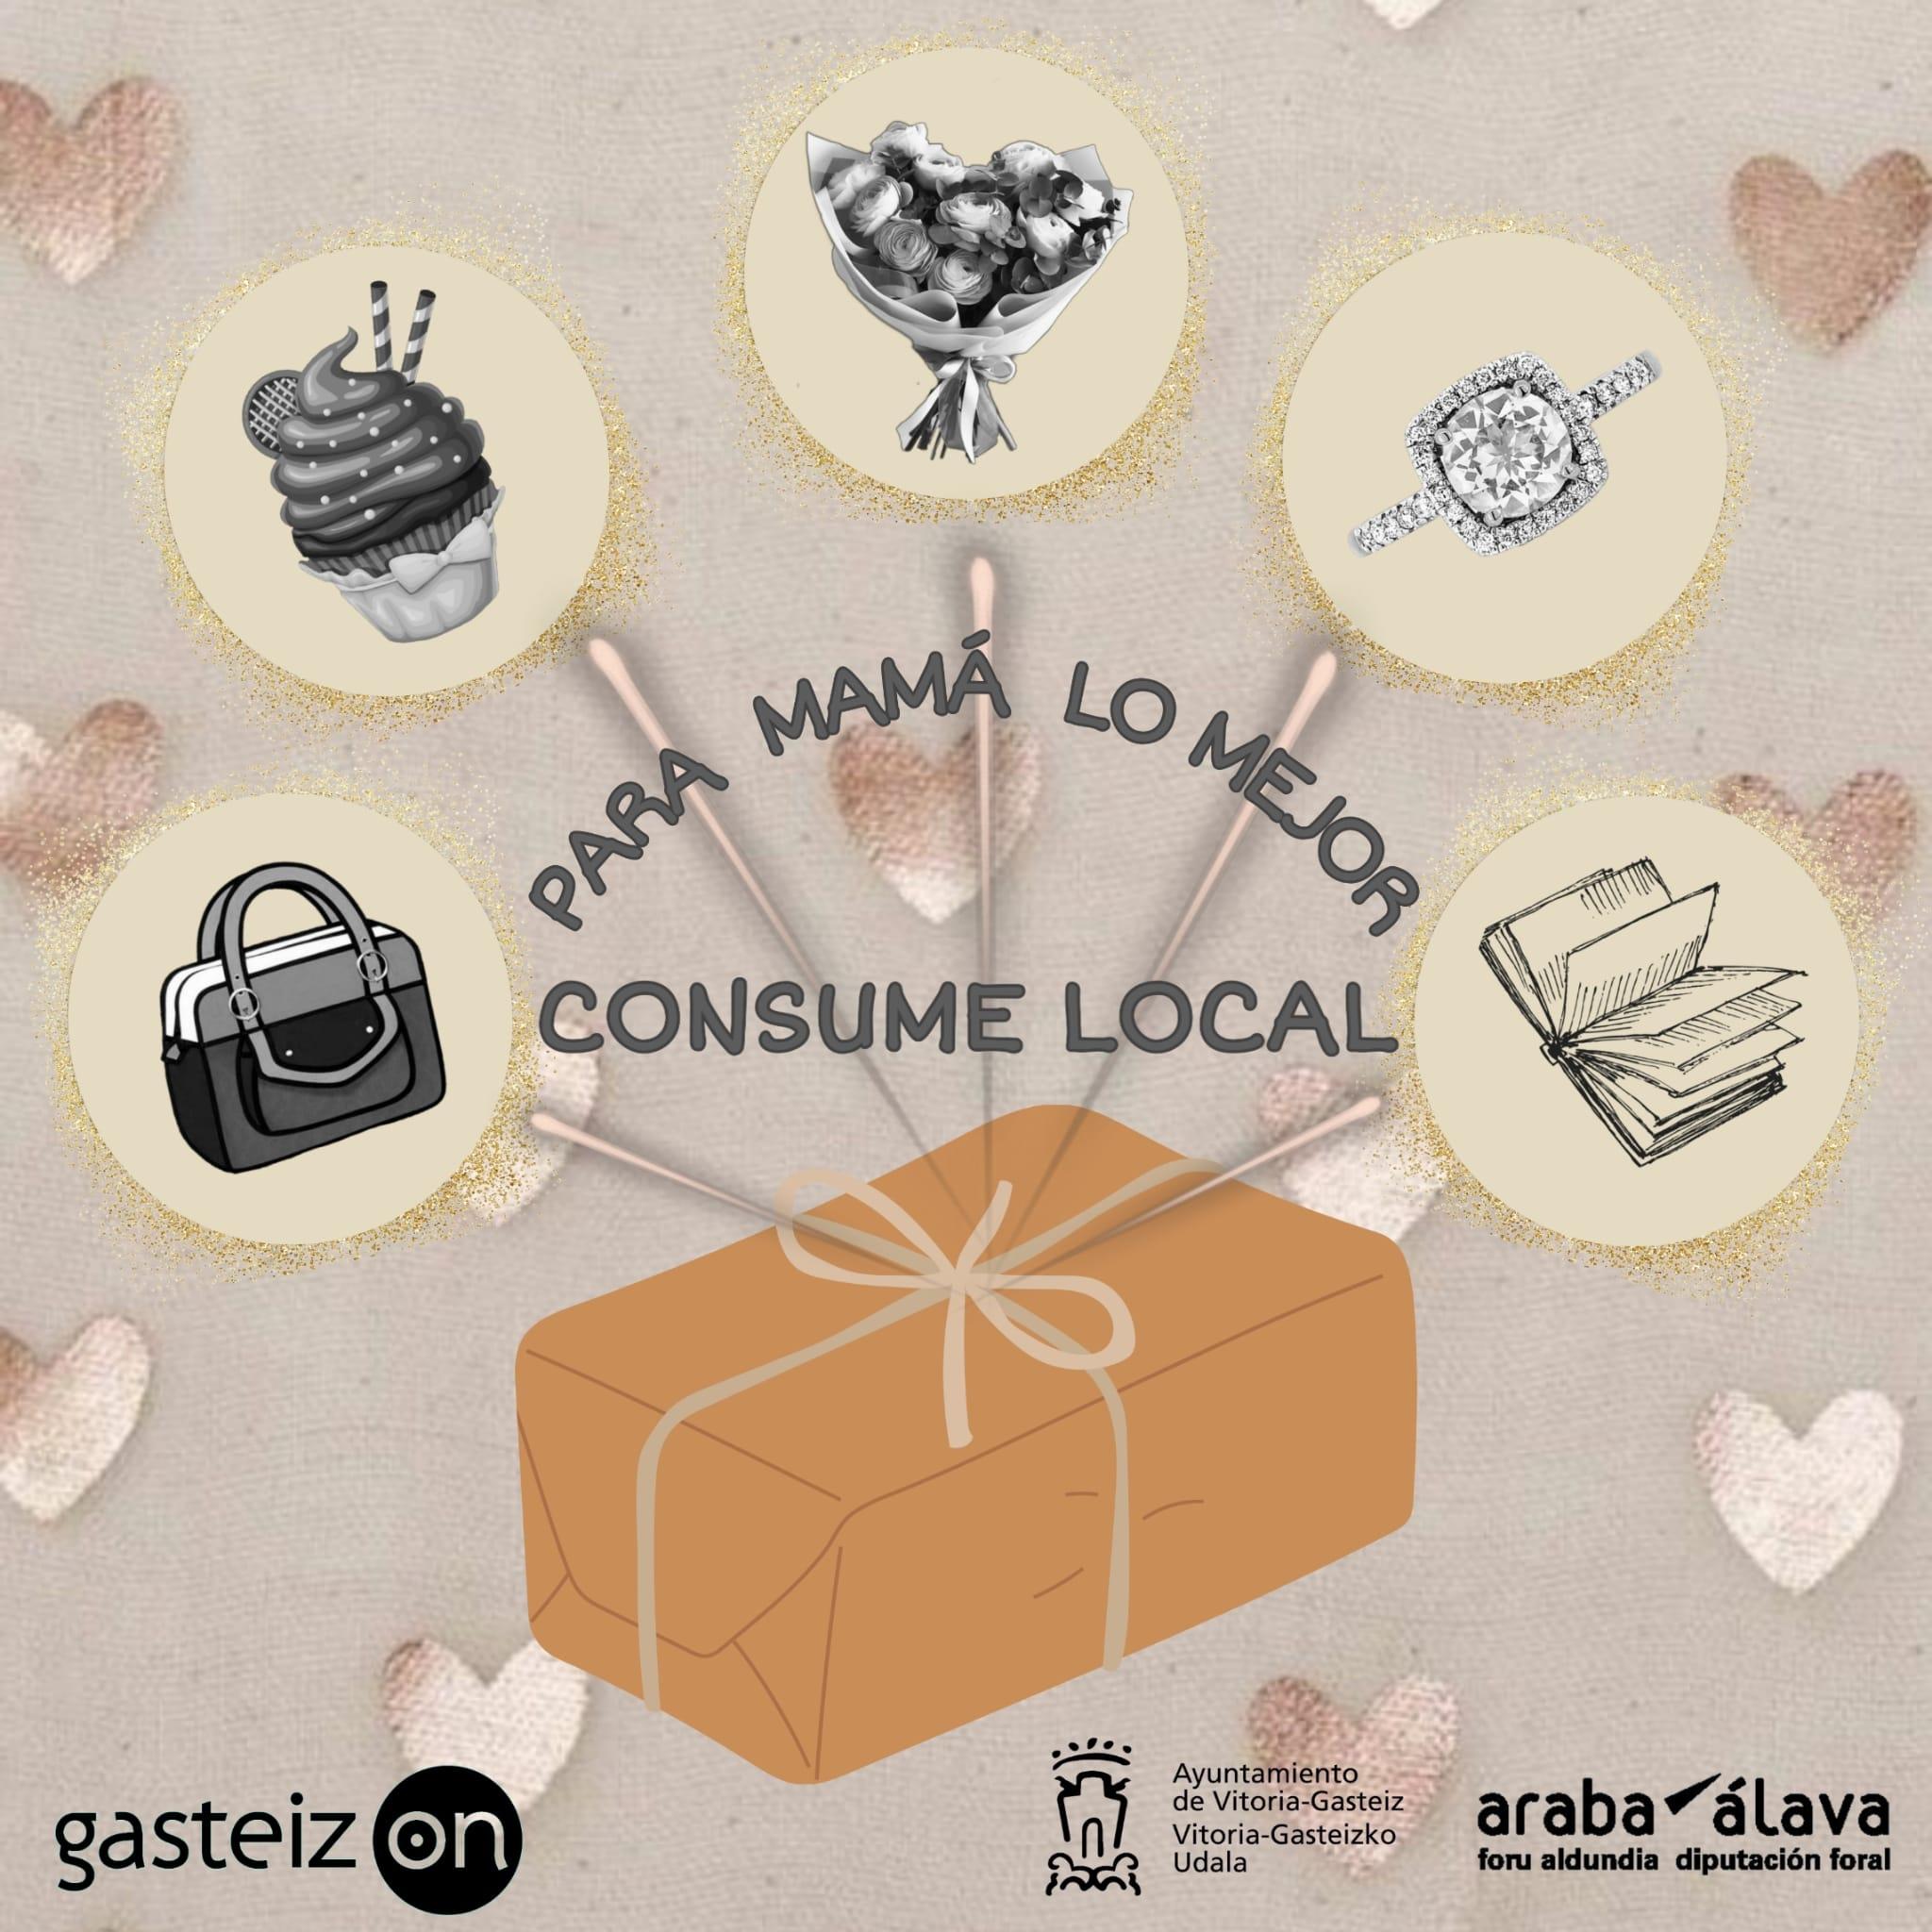 Campaña Día de la Madre 'Para mamá, lo mejor. Consume local'